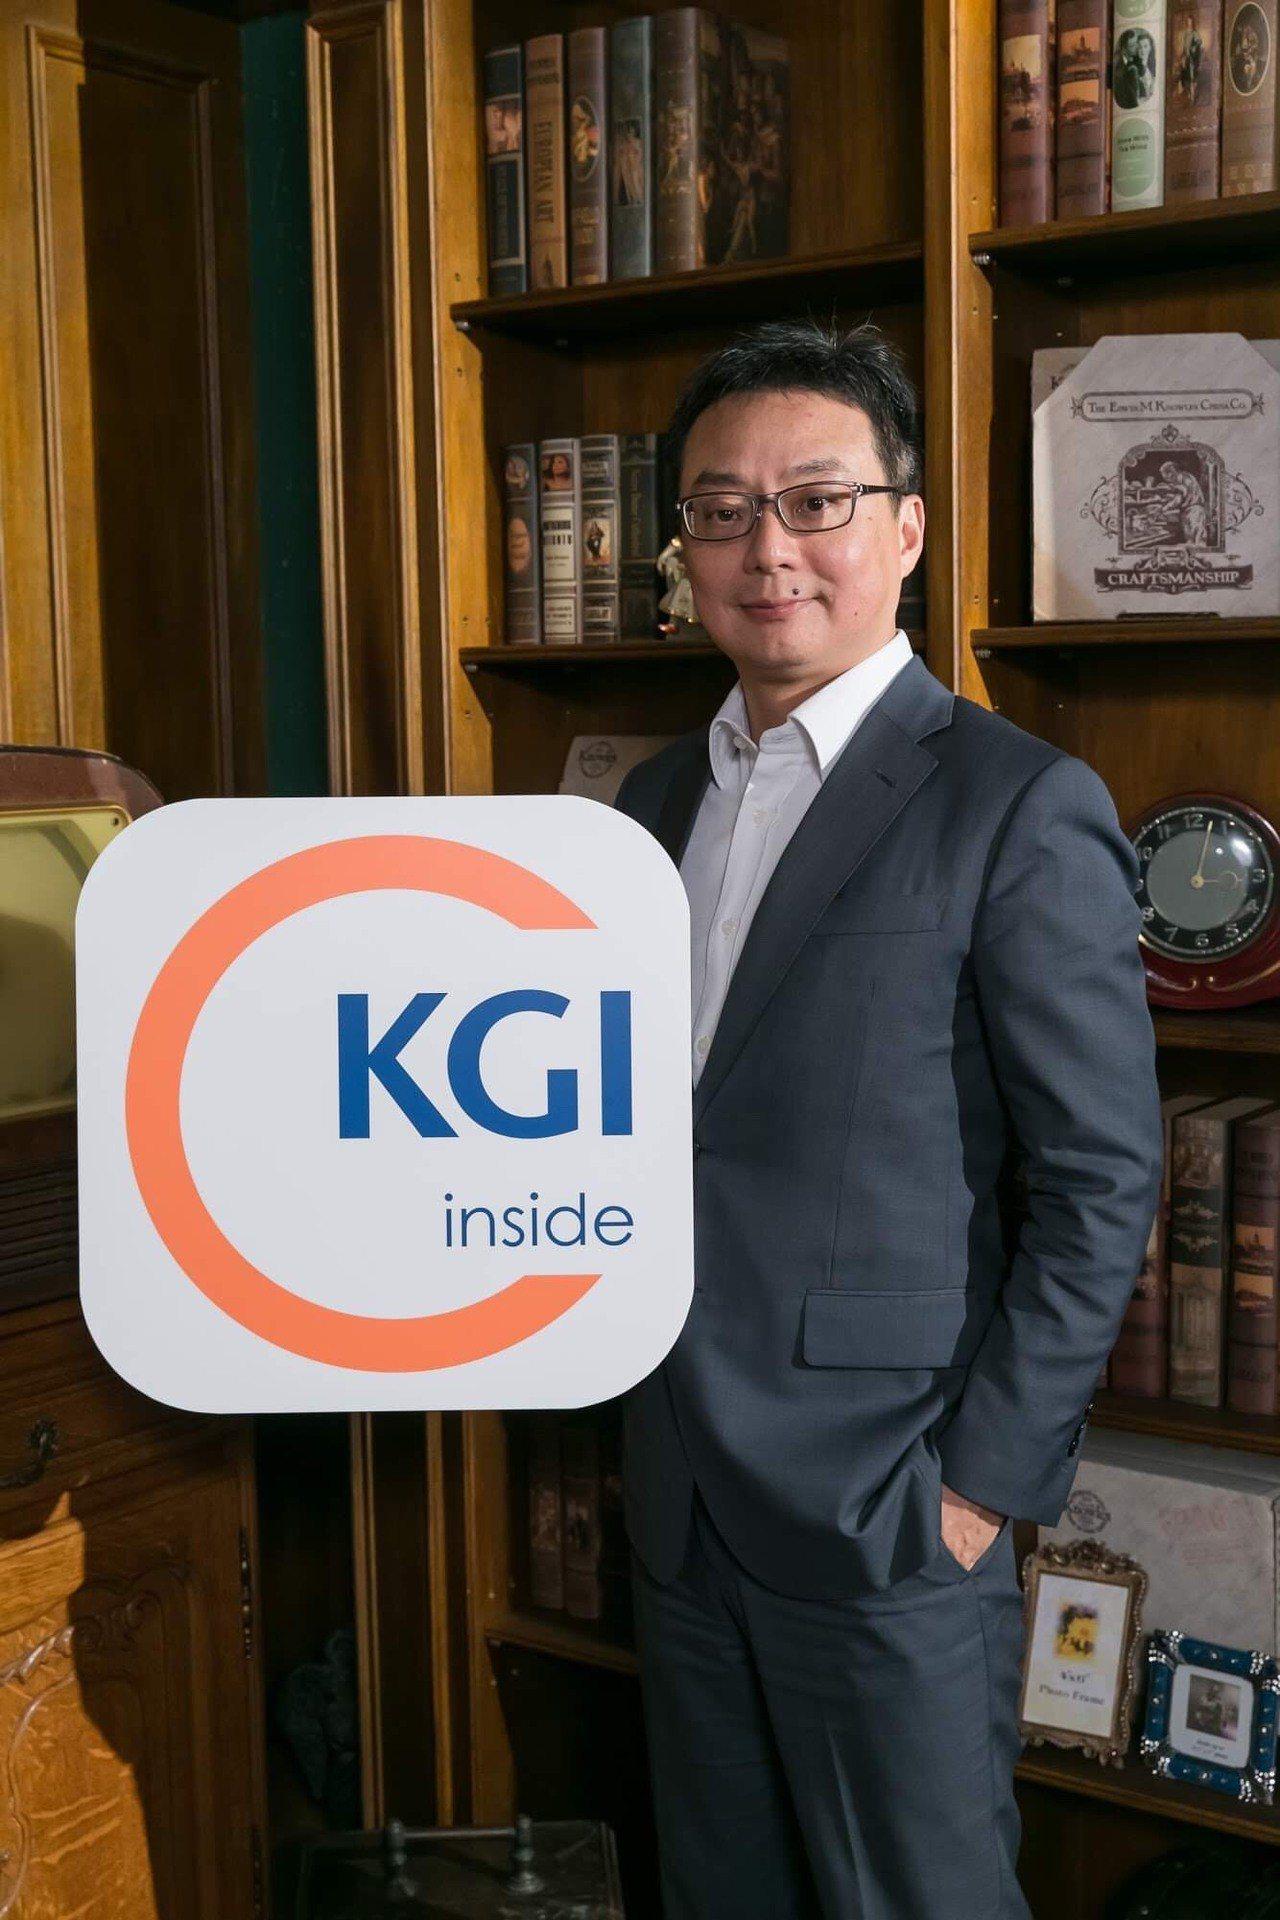 凱基銀行資深副總周郭傑。凱基銀行/提供